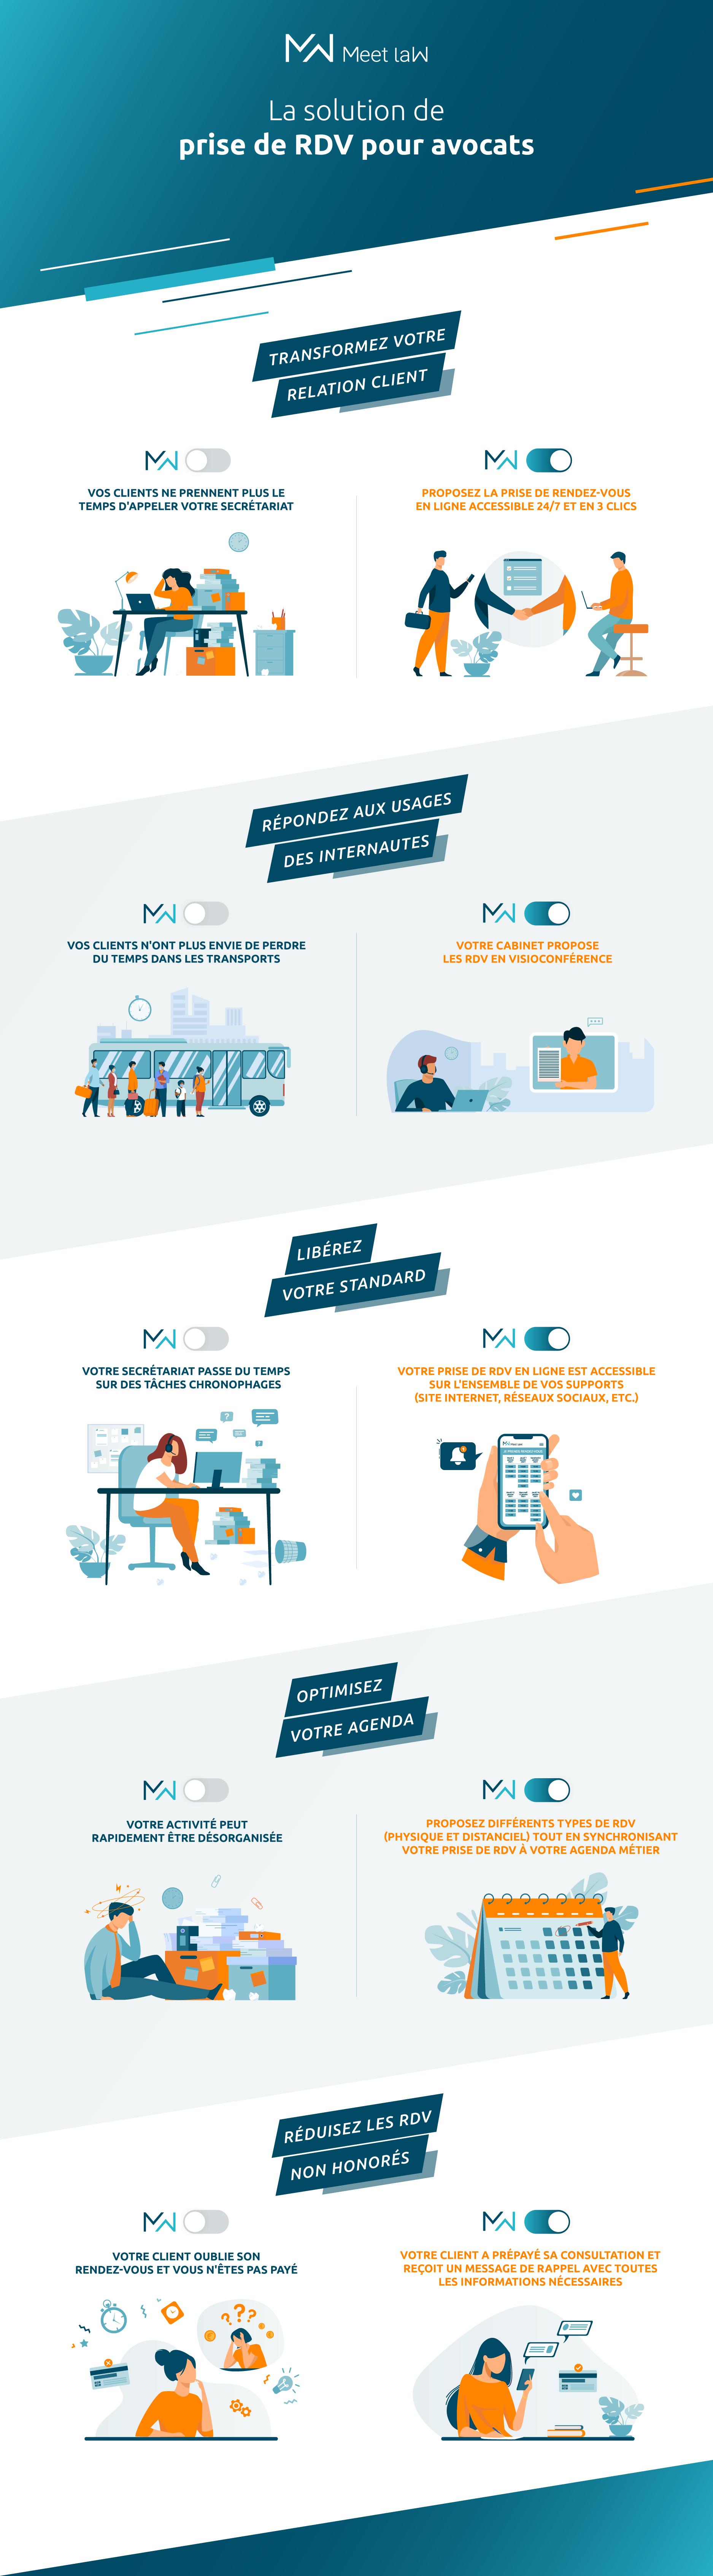 Comment la prise de RDV en ligne va transformer votre relation client